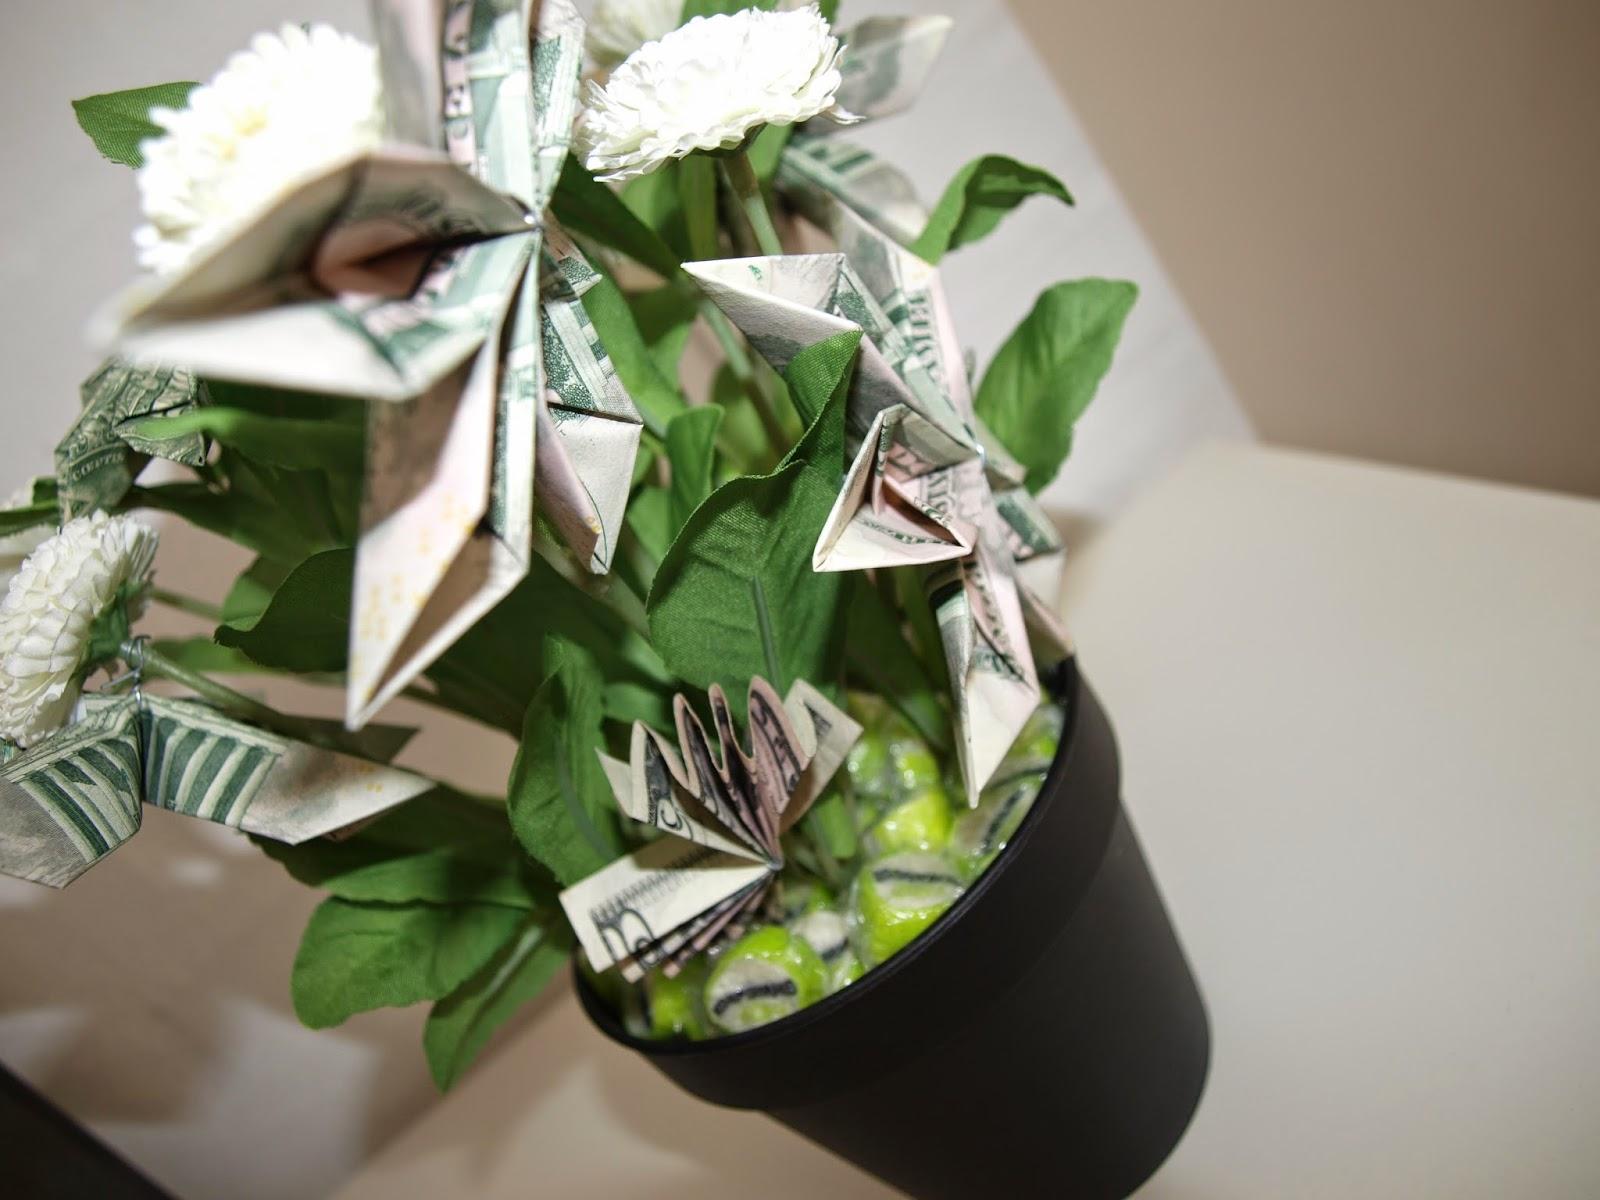 ideer til pengegave konfirmation